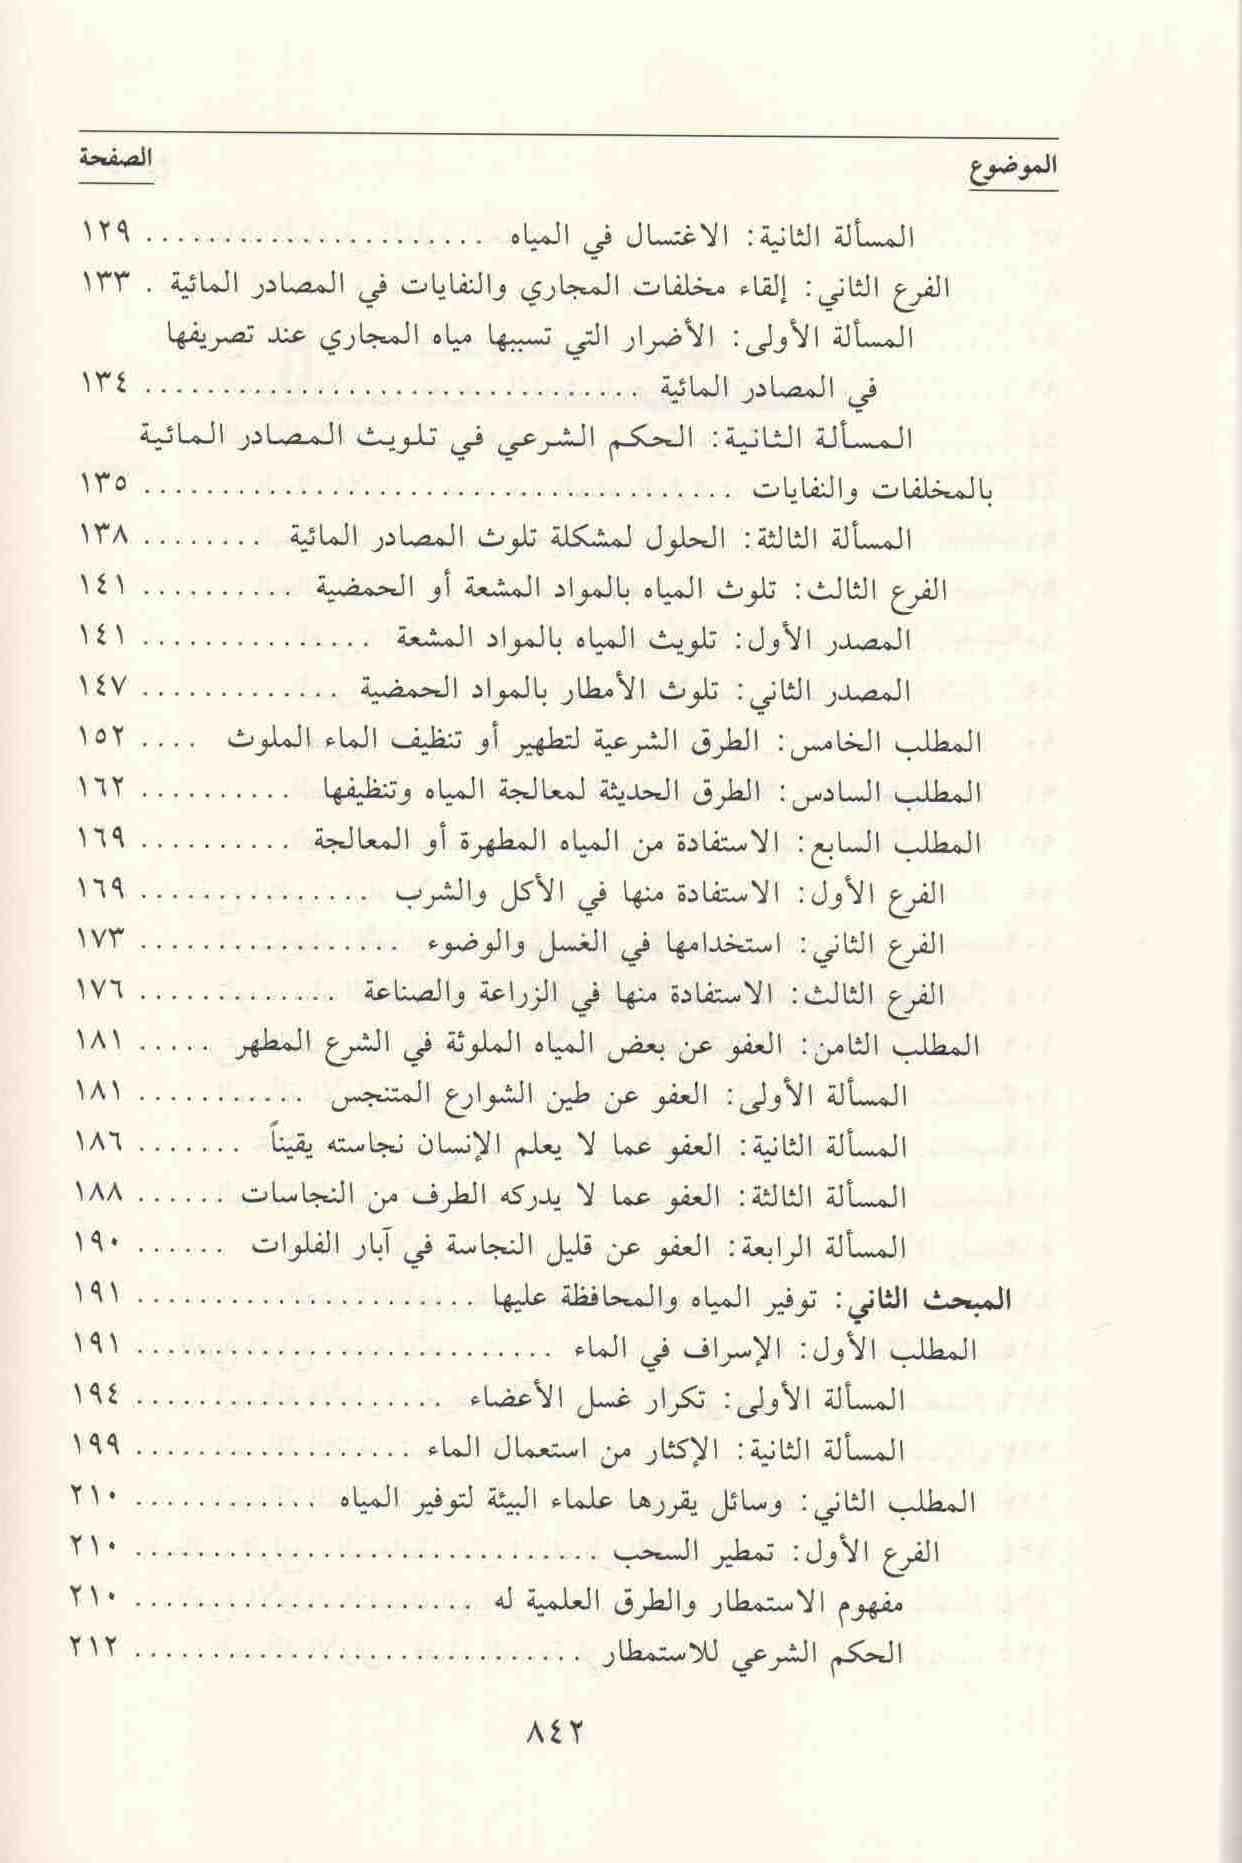 ص 842 محتويات كتاب أحكام البيئة